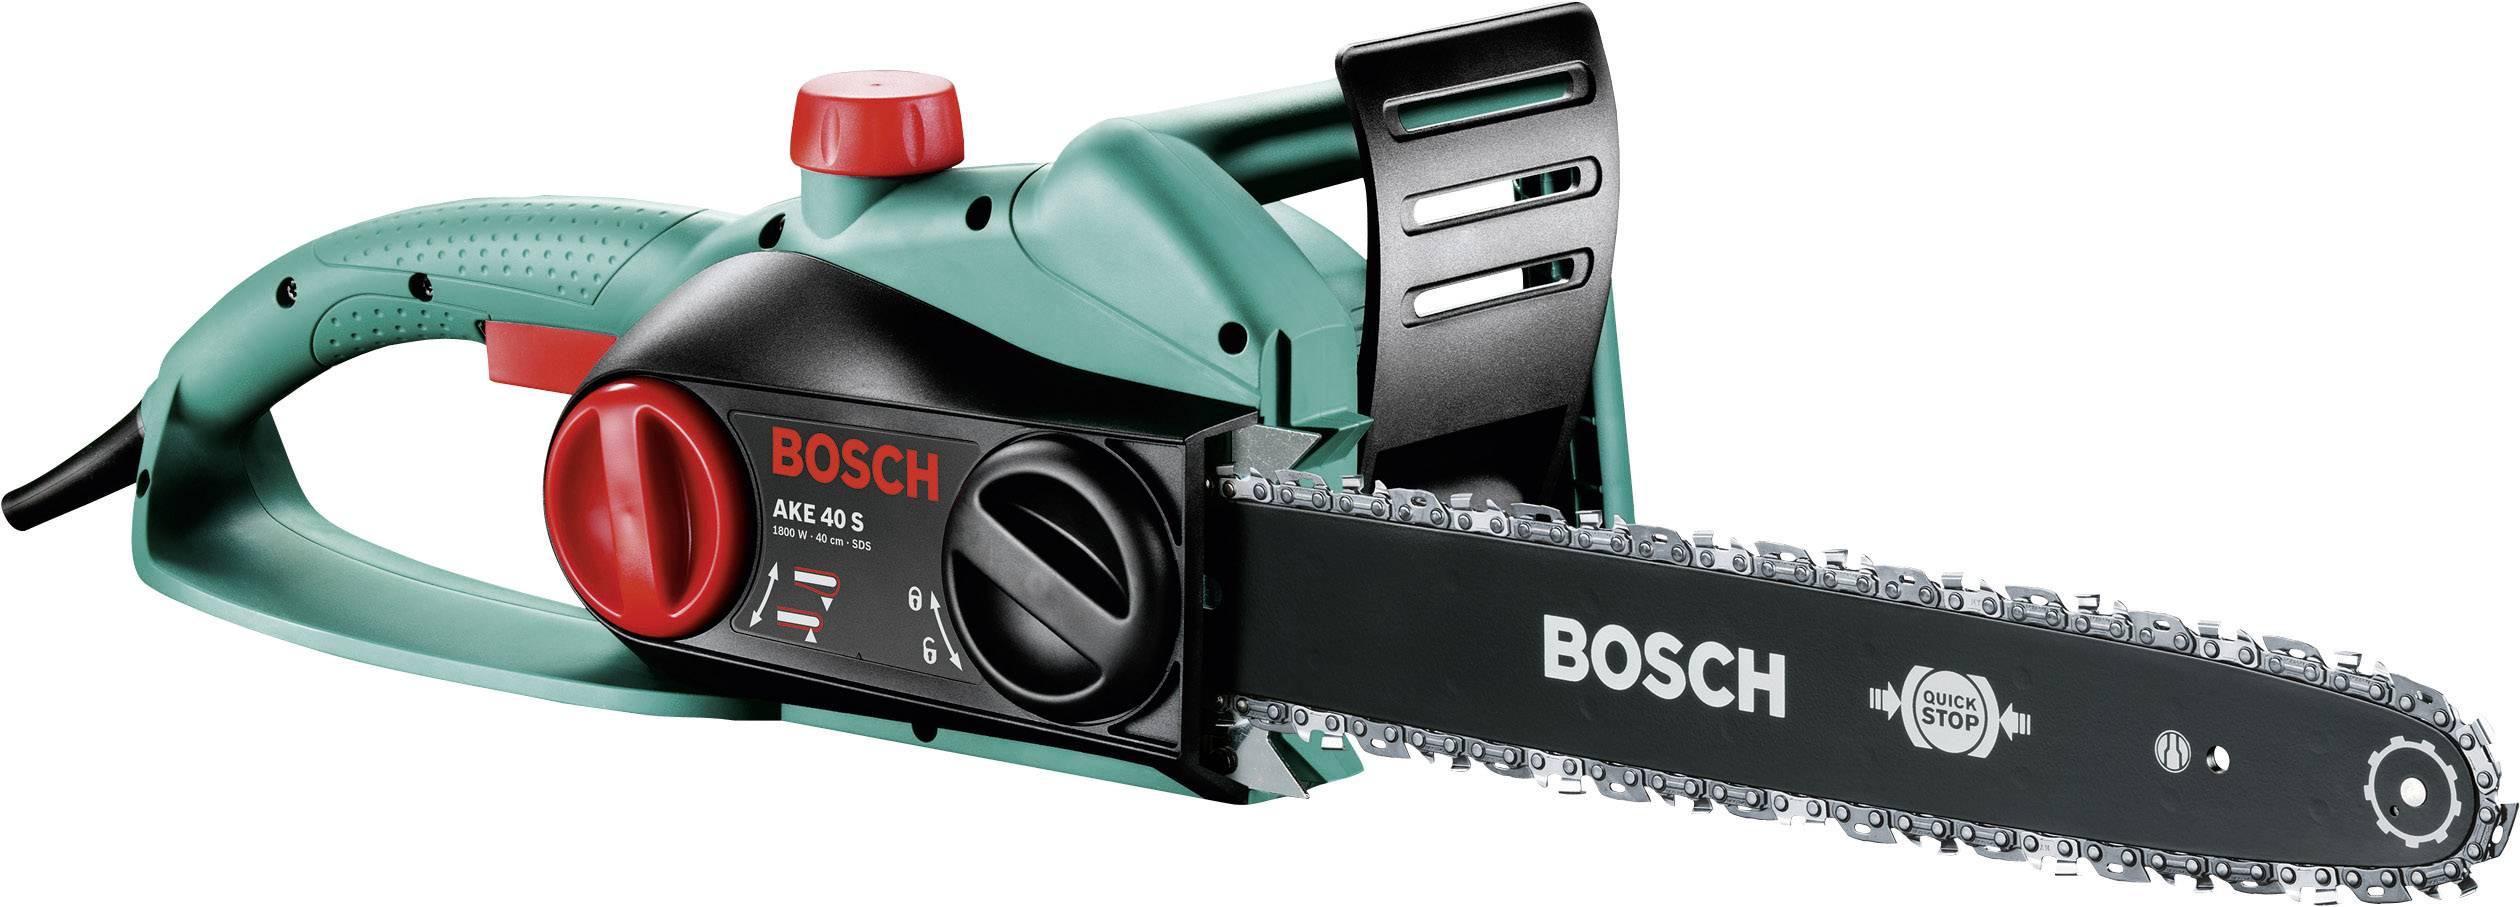 Elektrická řetězová pila Bosch Home and Garden AKE 40 S, 230 V, 1 800 W, délka čepele 400 mm